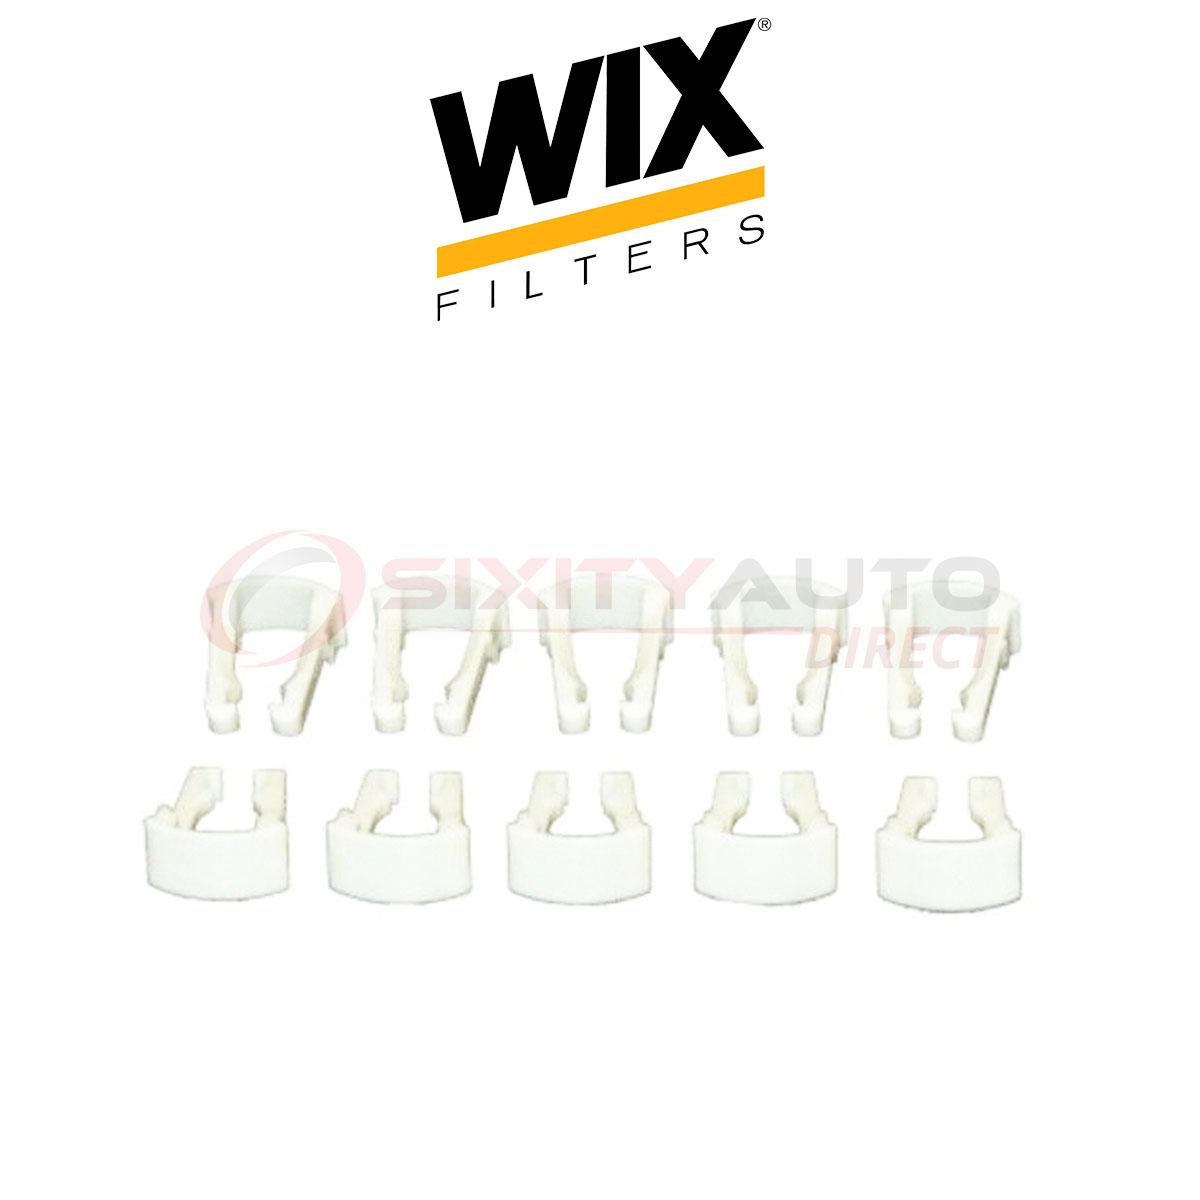 Wix Fuel Line Clip For Mercury Tracer 1 8l 1 9l